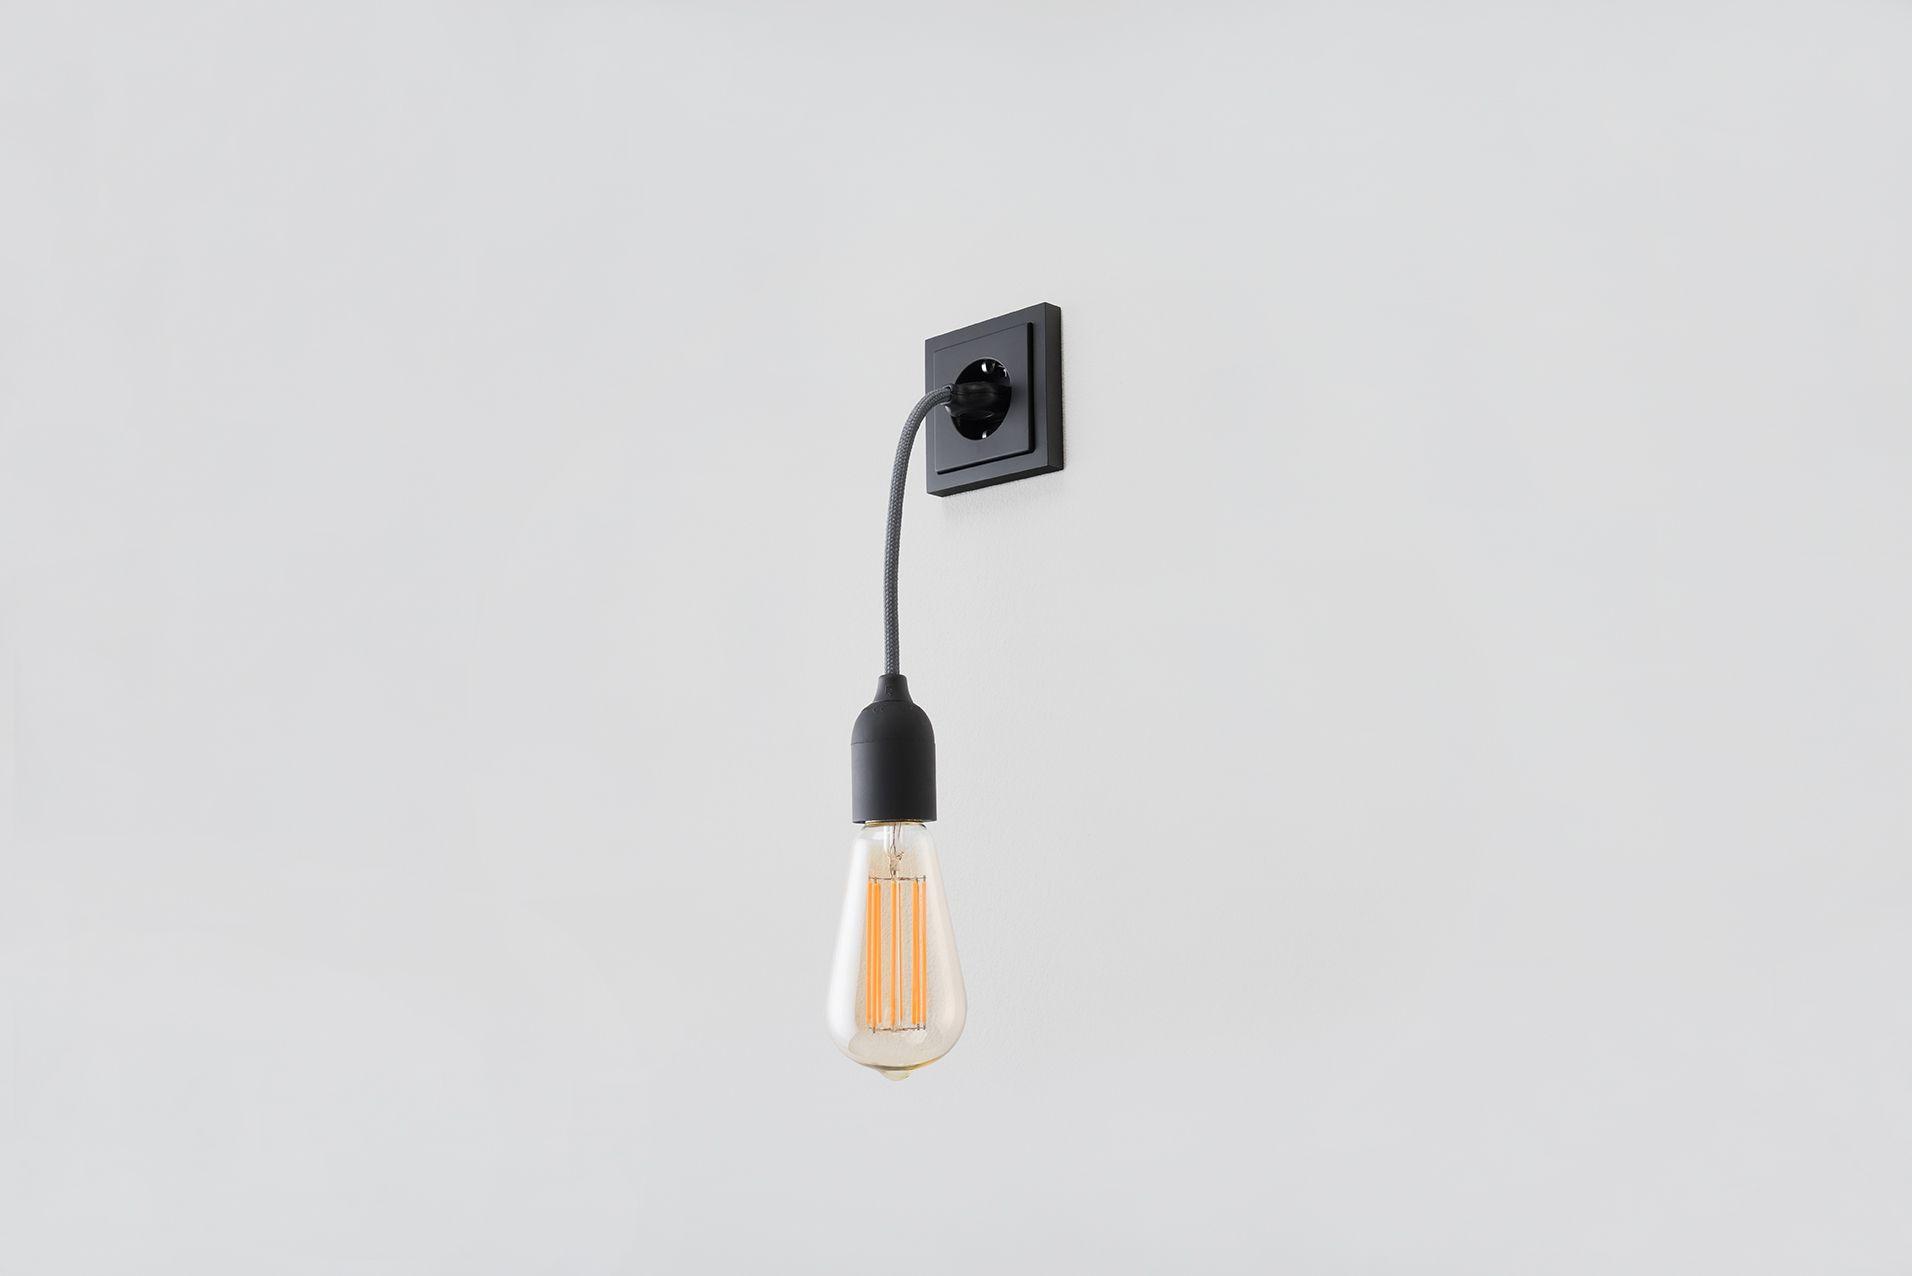 Pin Von Mykilos Auf Mykilos Lighting